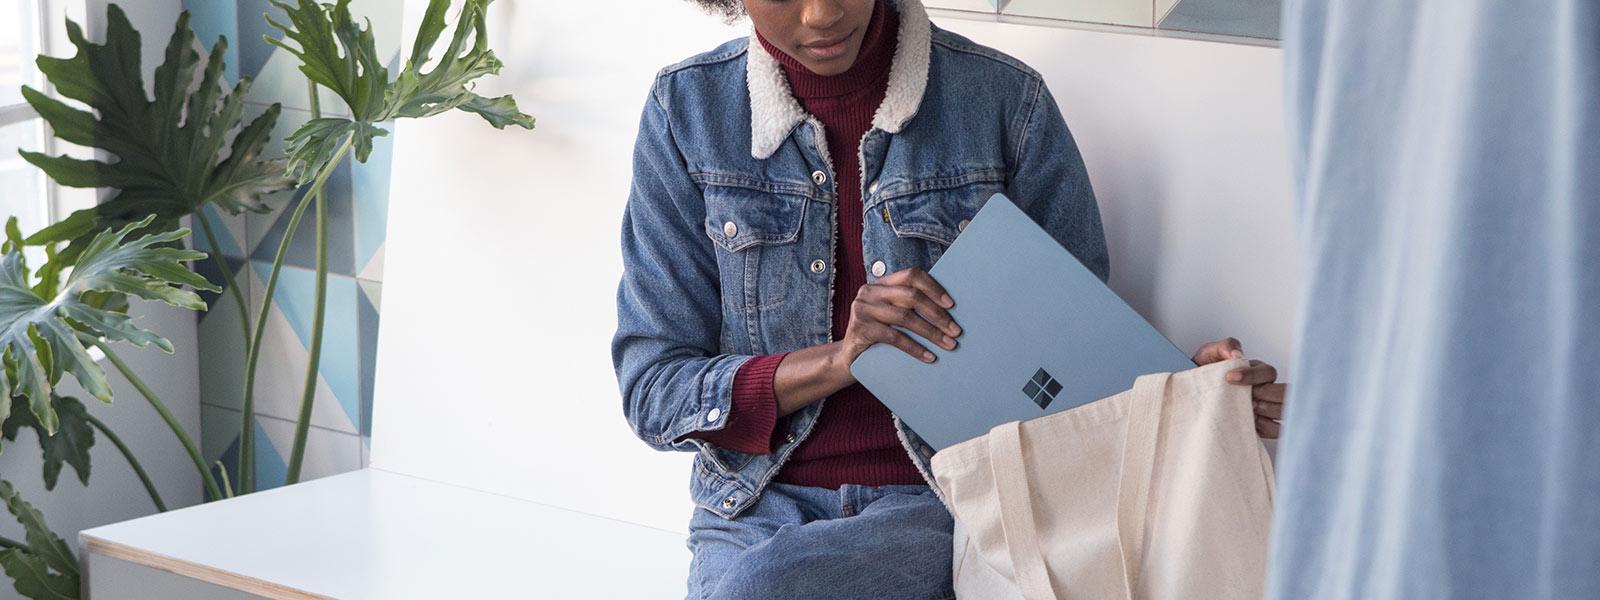 Femme rangeant un SurfaceLaptop dans son sac.